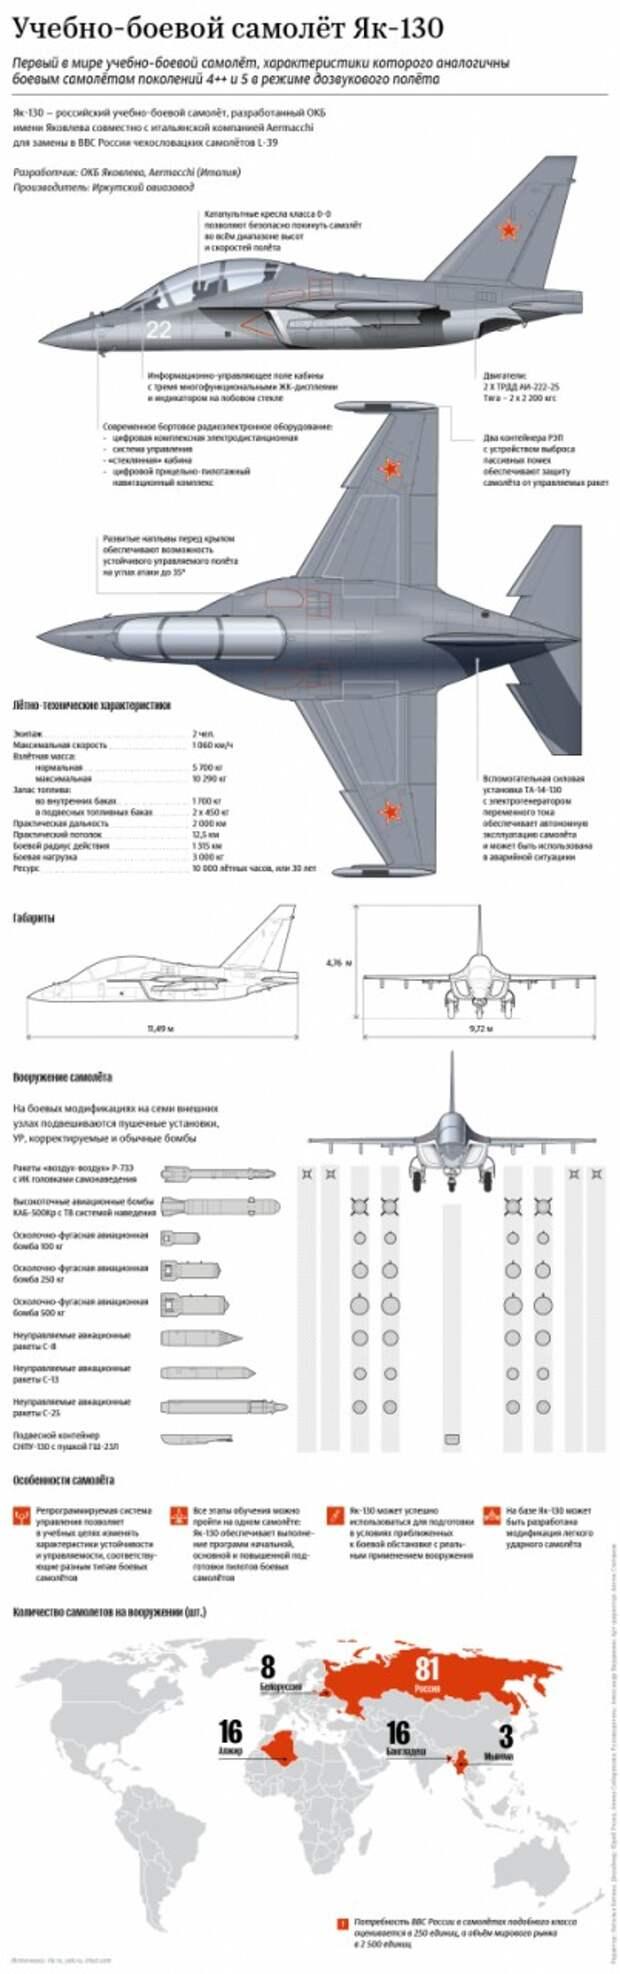 Страны Латинской Америки заинтересовались самолетами Як-130 и Як-152